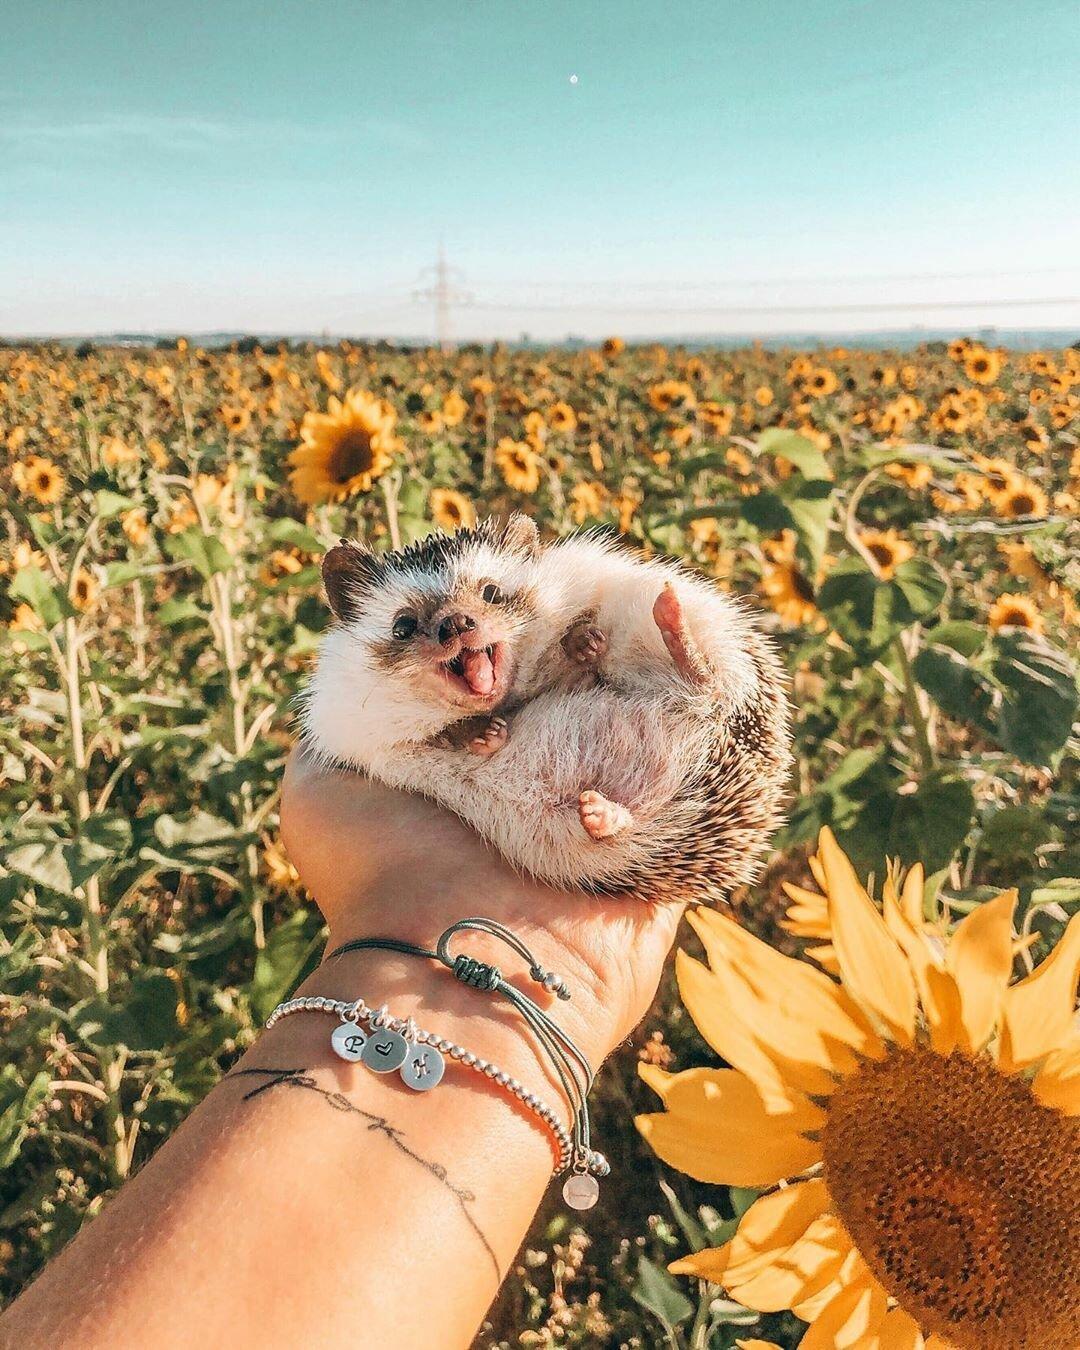 Ежик и его счастье картинки